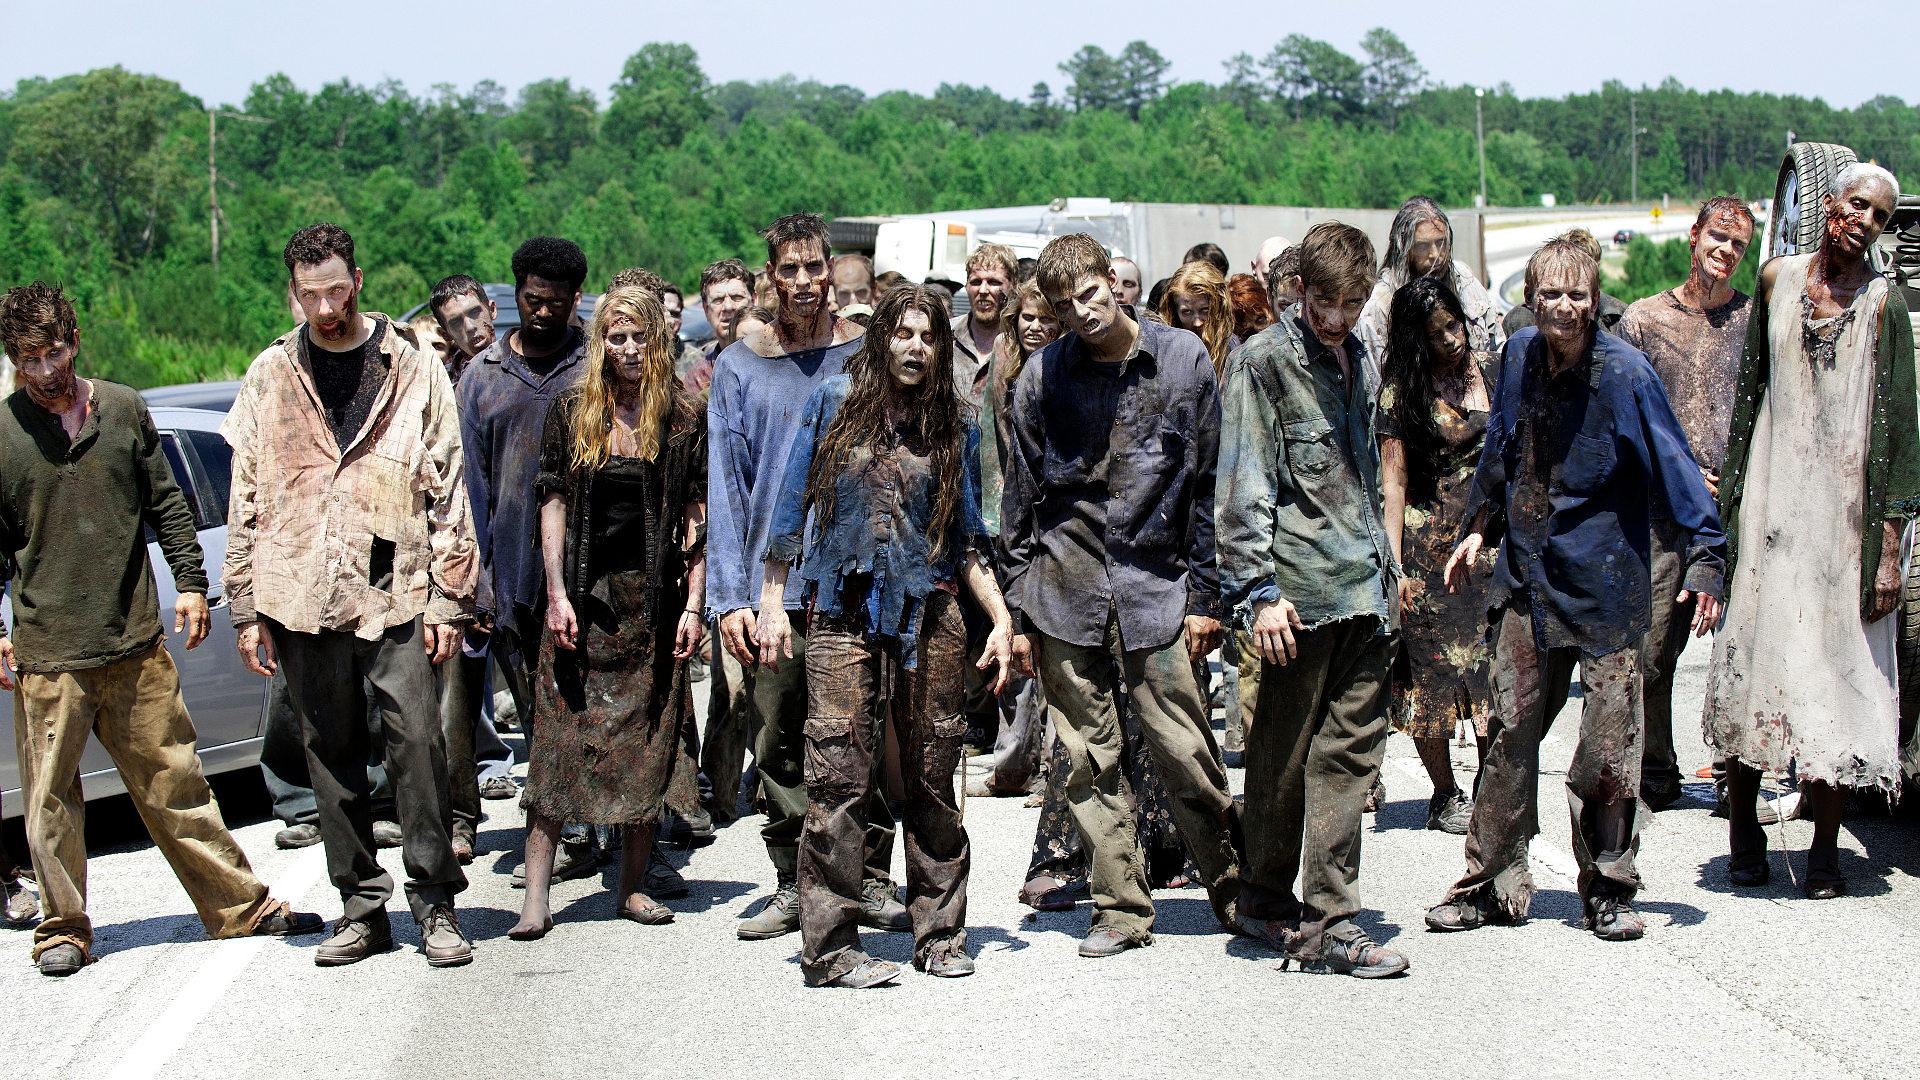 media.moddb.com Zombies